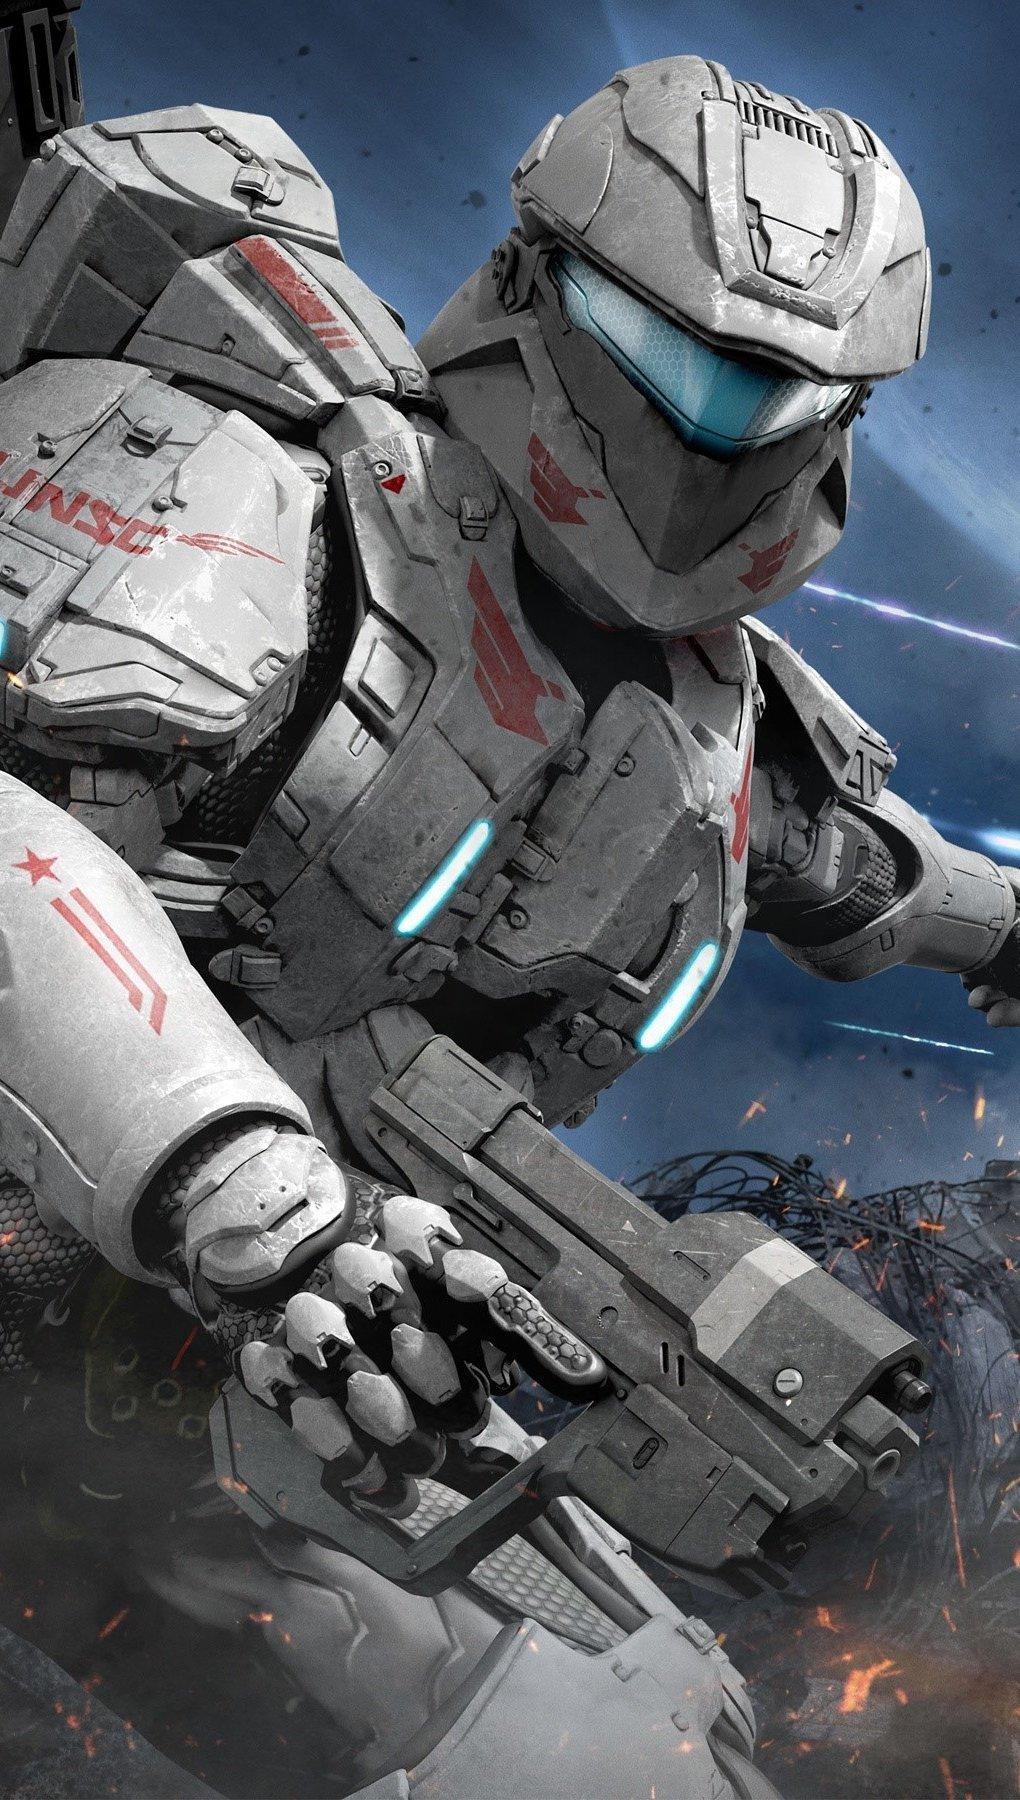 Fondos de pantalla Halo Spartan Assault Vertical